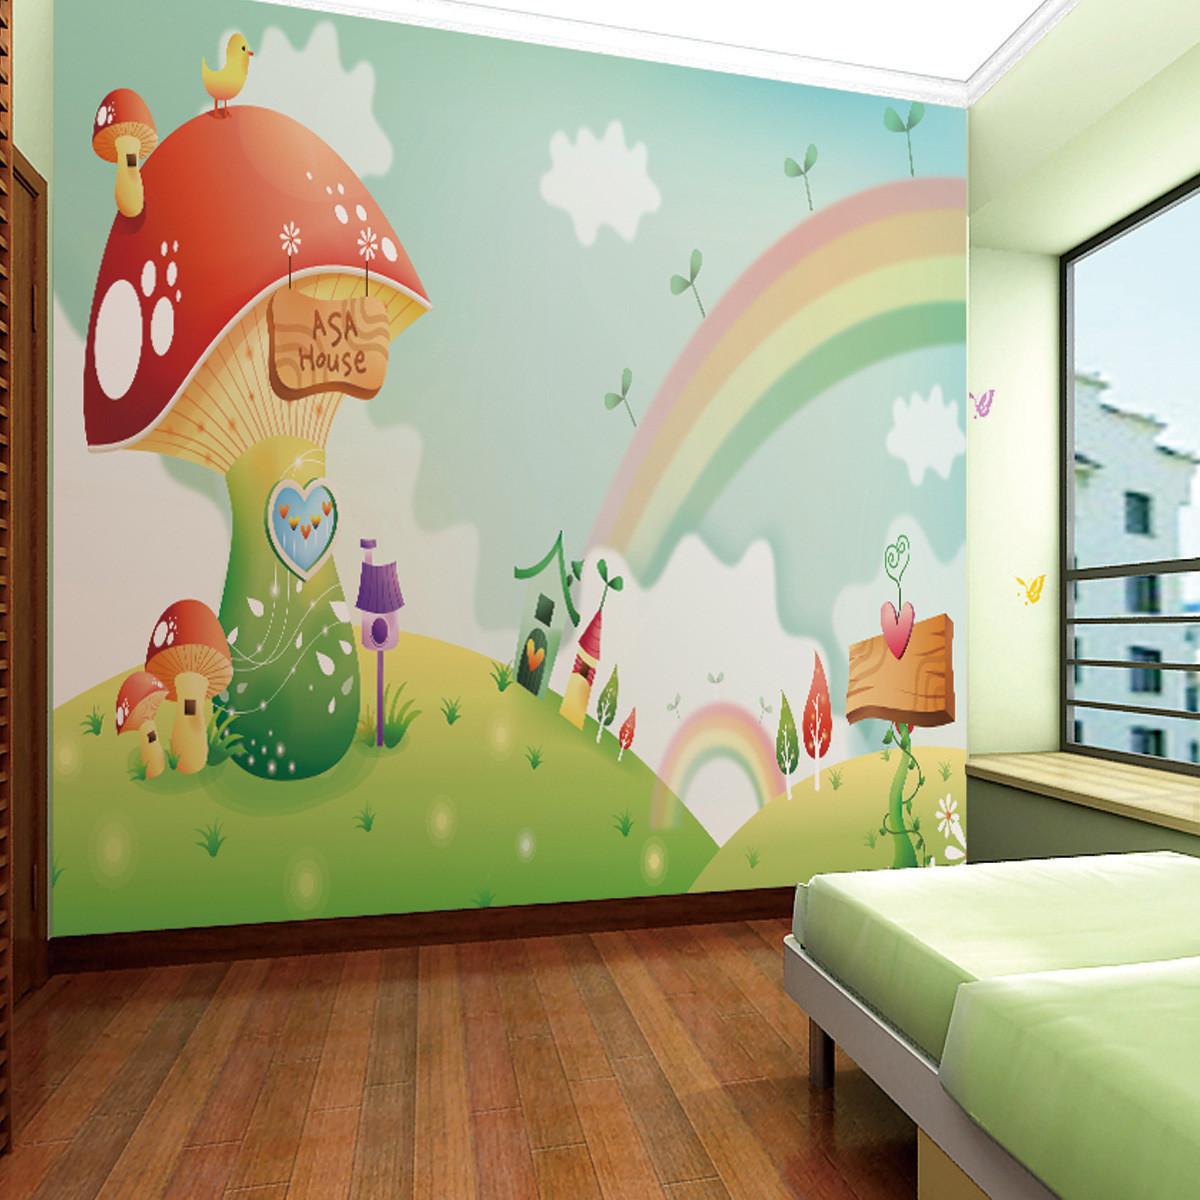 米素壁画 彩虹 儿童房卧室环保浪漫温馨装修材料 壁纸电视墙背景